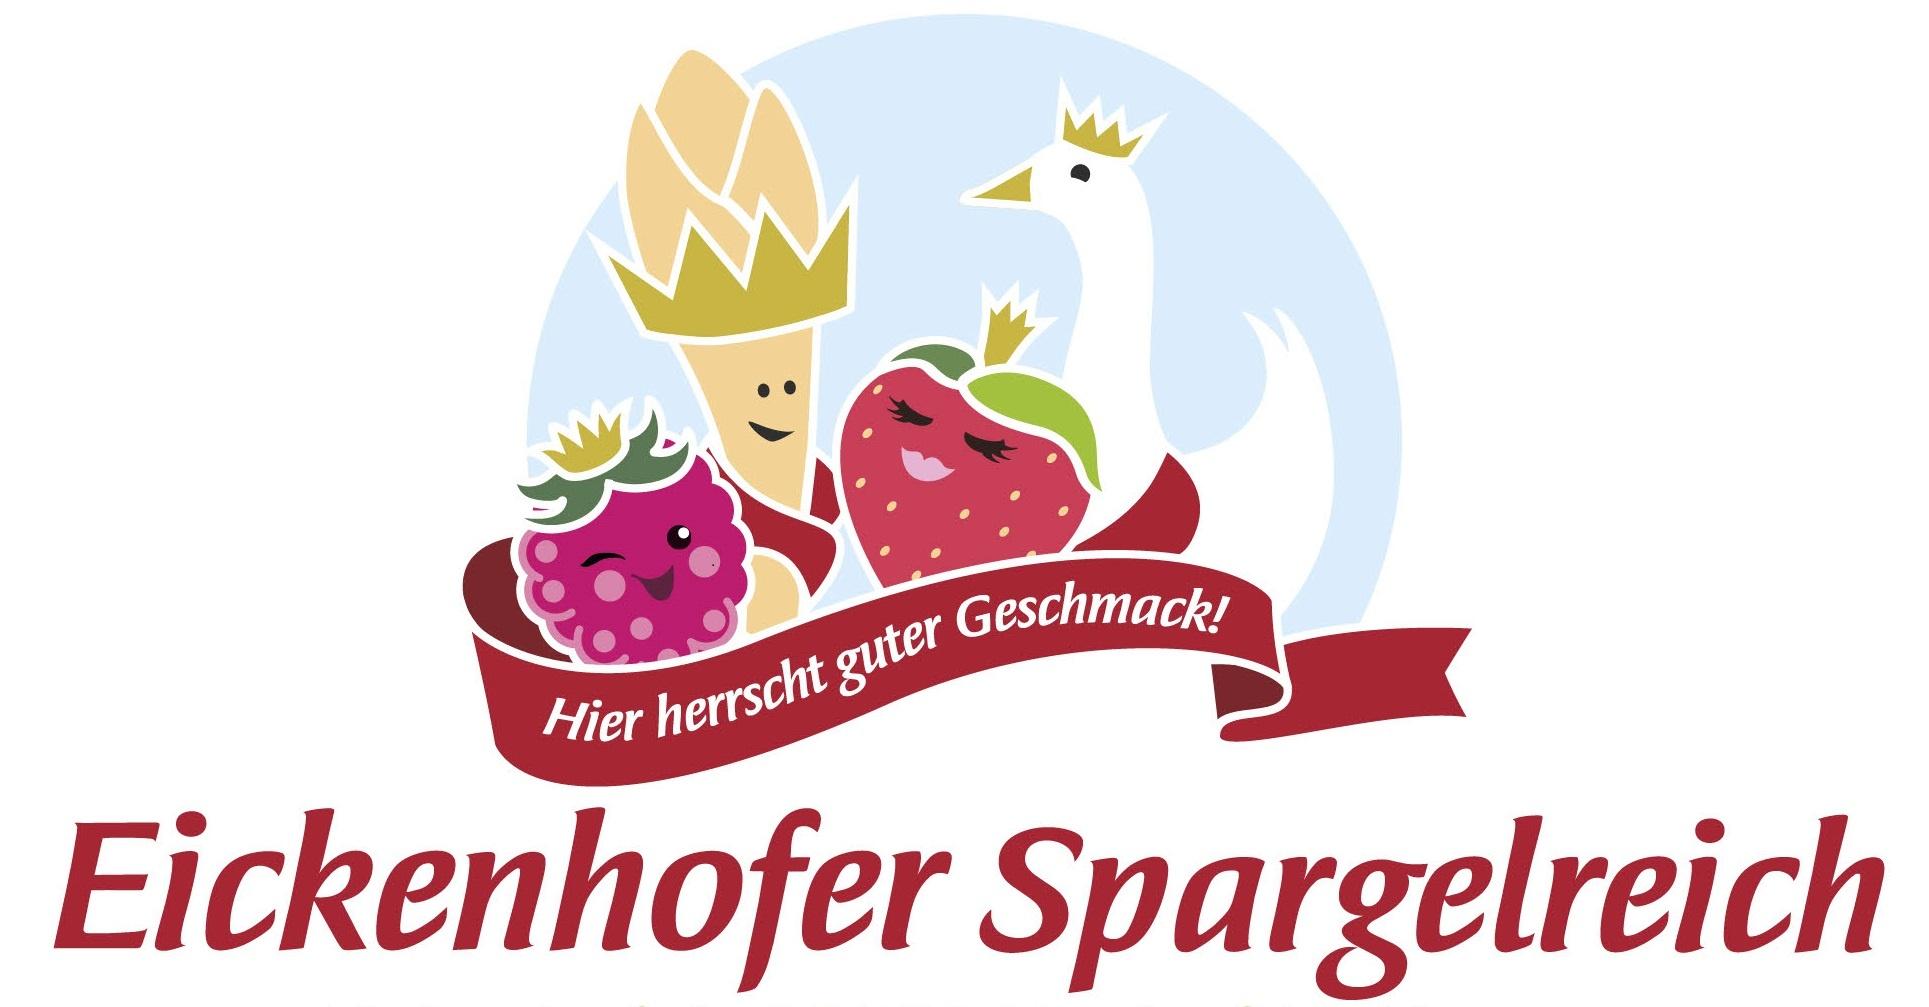 Eickenhofer Spargelreich